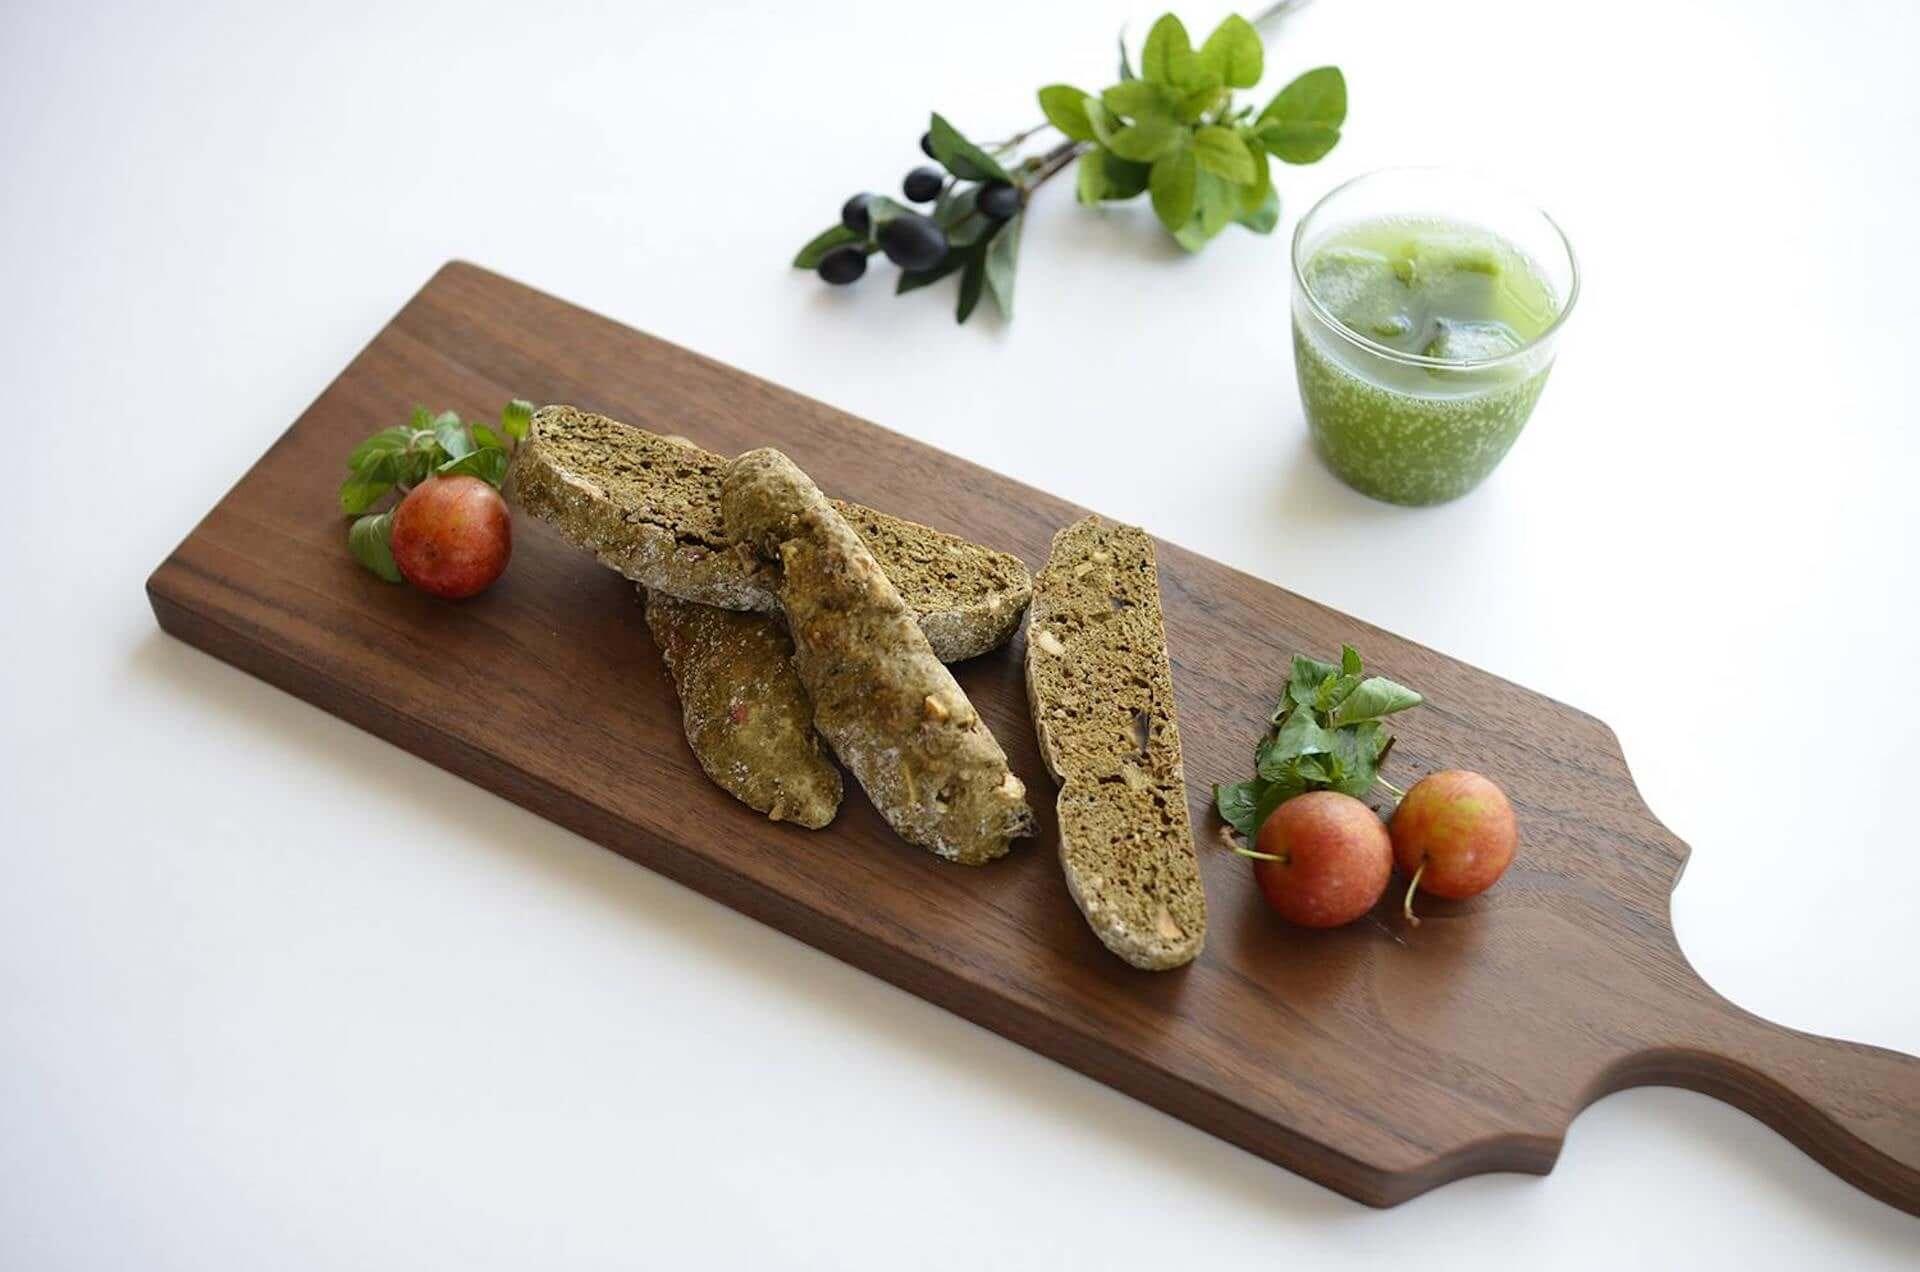 日本茶を使ったヘルシーなおうちごはん!おいしい日本茶研究所がブログでレシピを公開中 gourmet200525_oitea_recipe_4-1920x1272